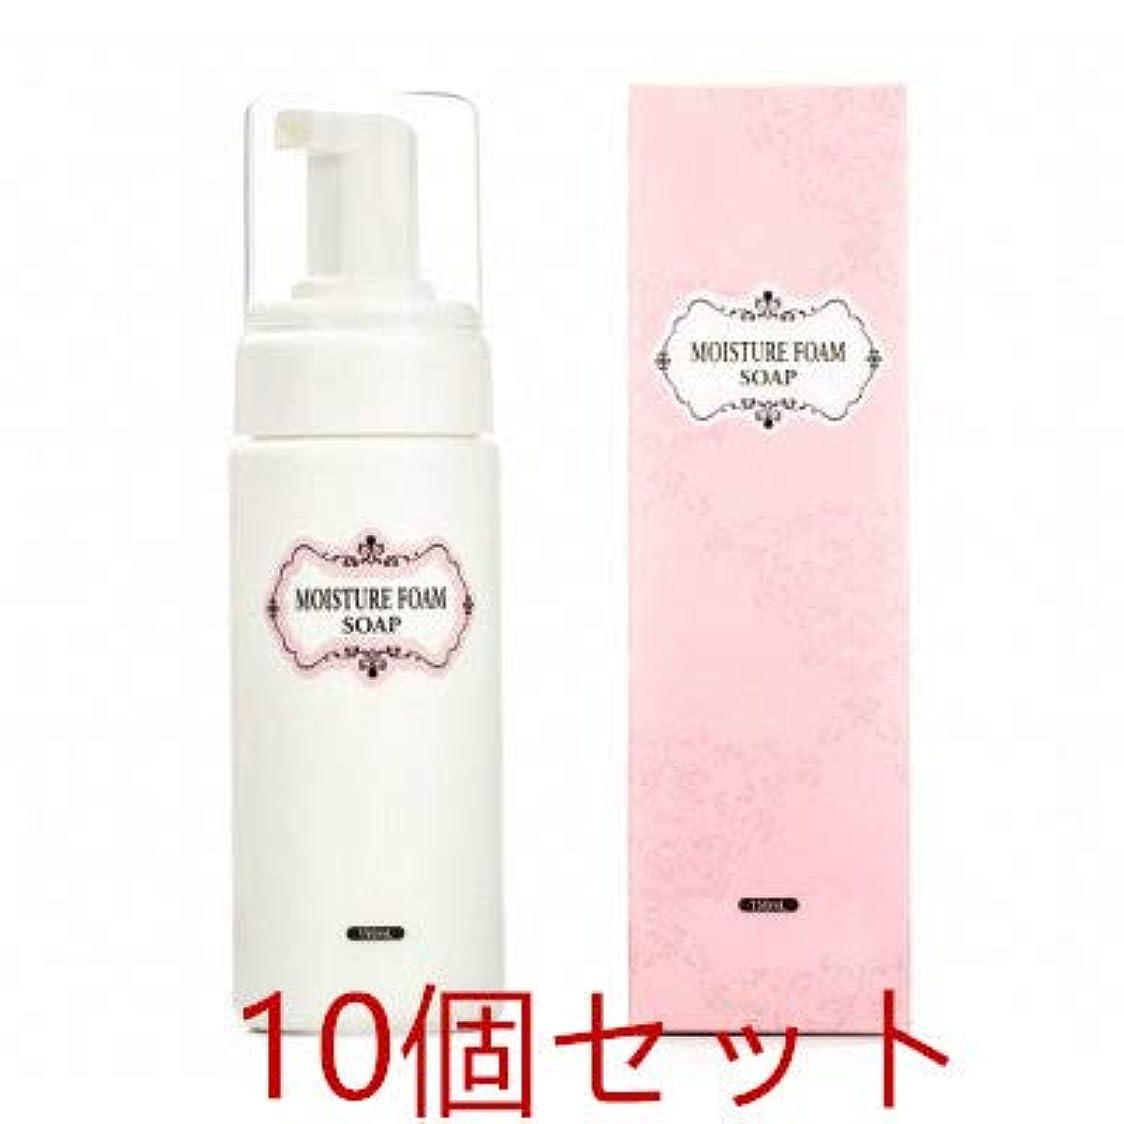 先生中央値匹敵しますMOISTURE FOAM SOAP(モイスチャーフォームソープ) 150ml10個セット